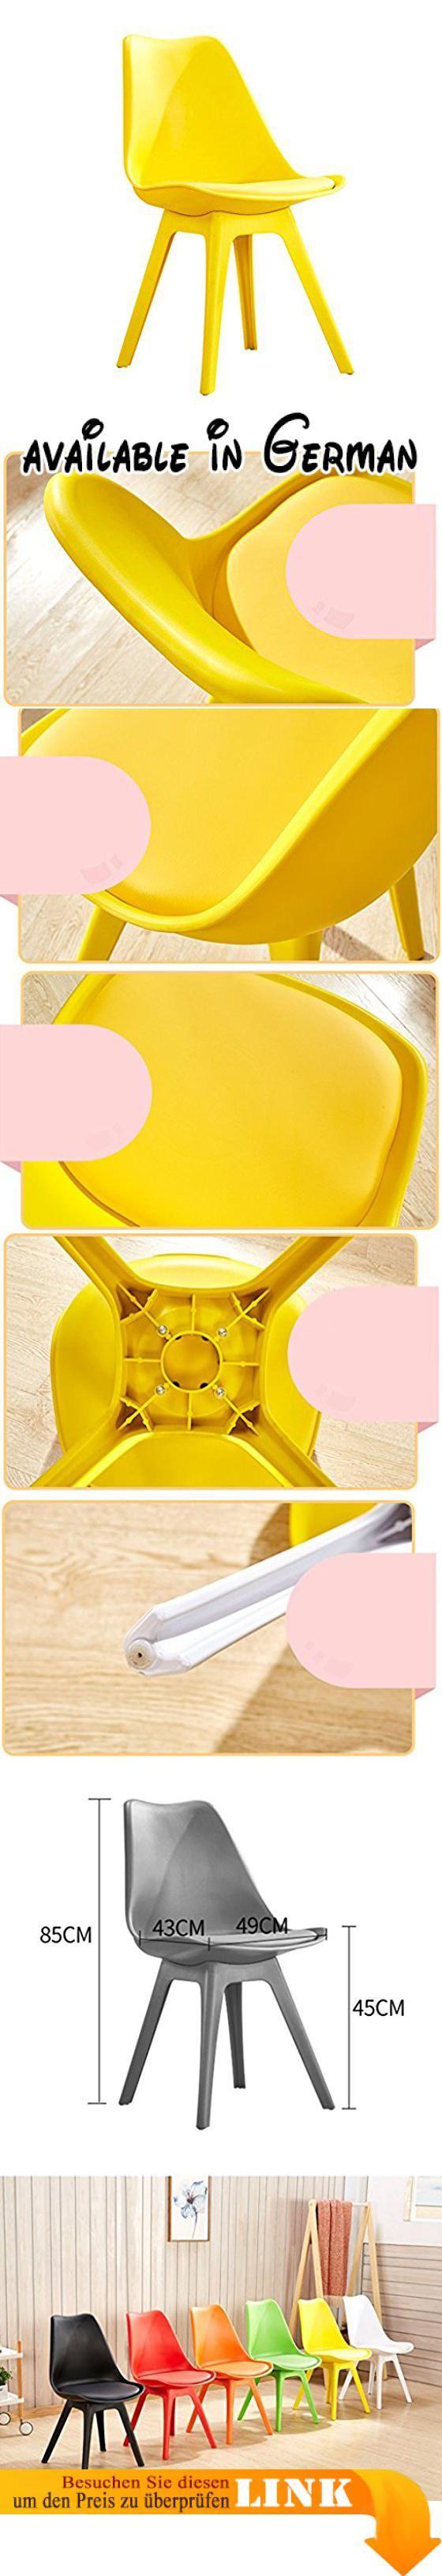 B078WMJXXX : Stuhl Haushalt Kreative einfache Kunststoff Stuhl Rückenlehne Nordeuropa Esszimmerstuhl ( Farbe : #1 ).  Stuhl mit umweltfreundlichen PP-Material Sicherheit und Umweltschutz stark und langlebig.  komfortable Rückenlehne nach ergonomischem Design passen Sie die Körperkurve geben Ihnen einen angenehmen Genuss.  geräumiges und komfortables Sitzdesign Innenausstattung mit hochelastischem Schwamm sesshaft hautfreundlich atmungsaktiv.  Boden